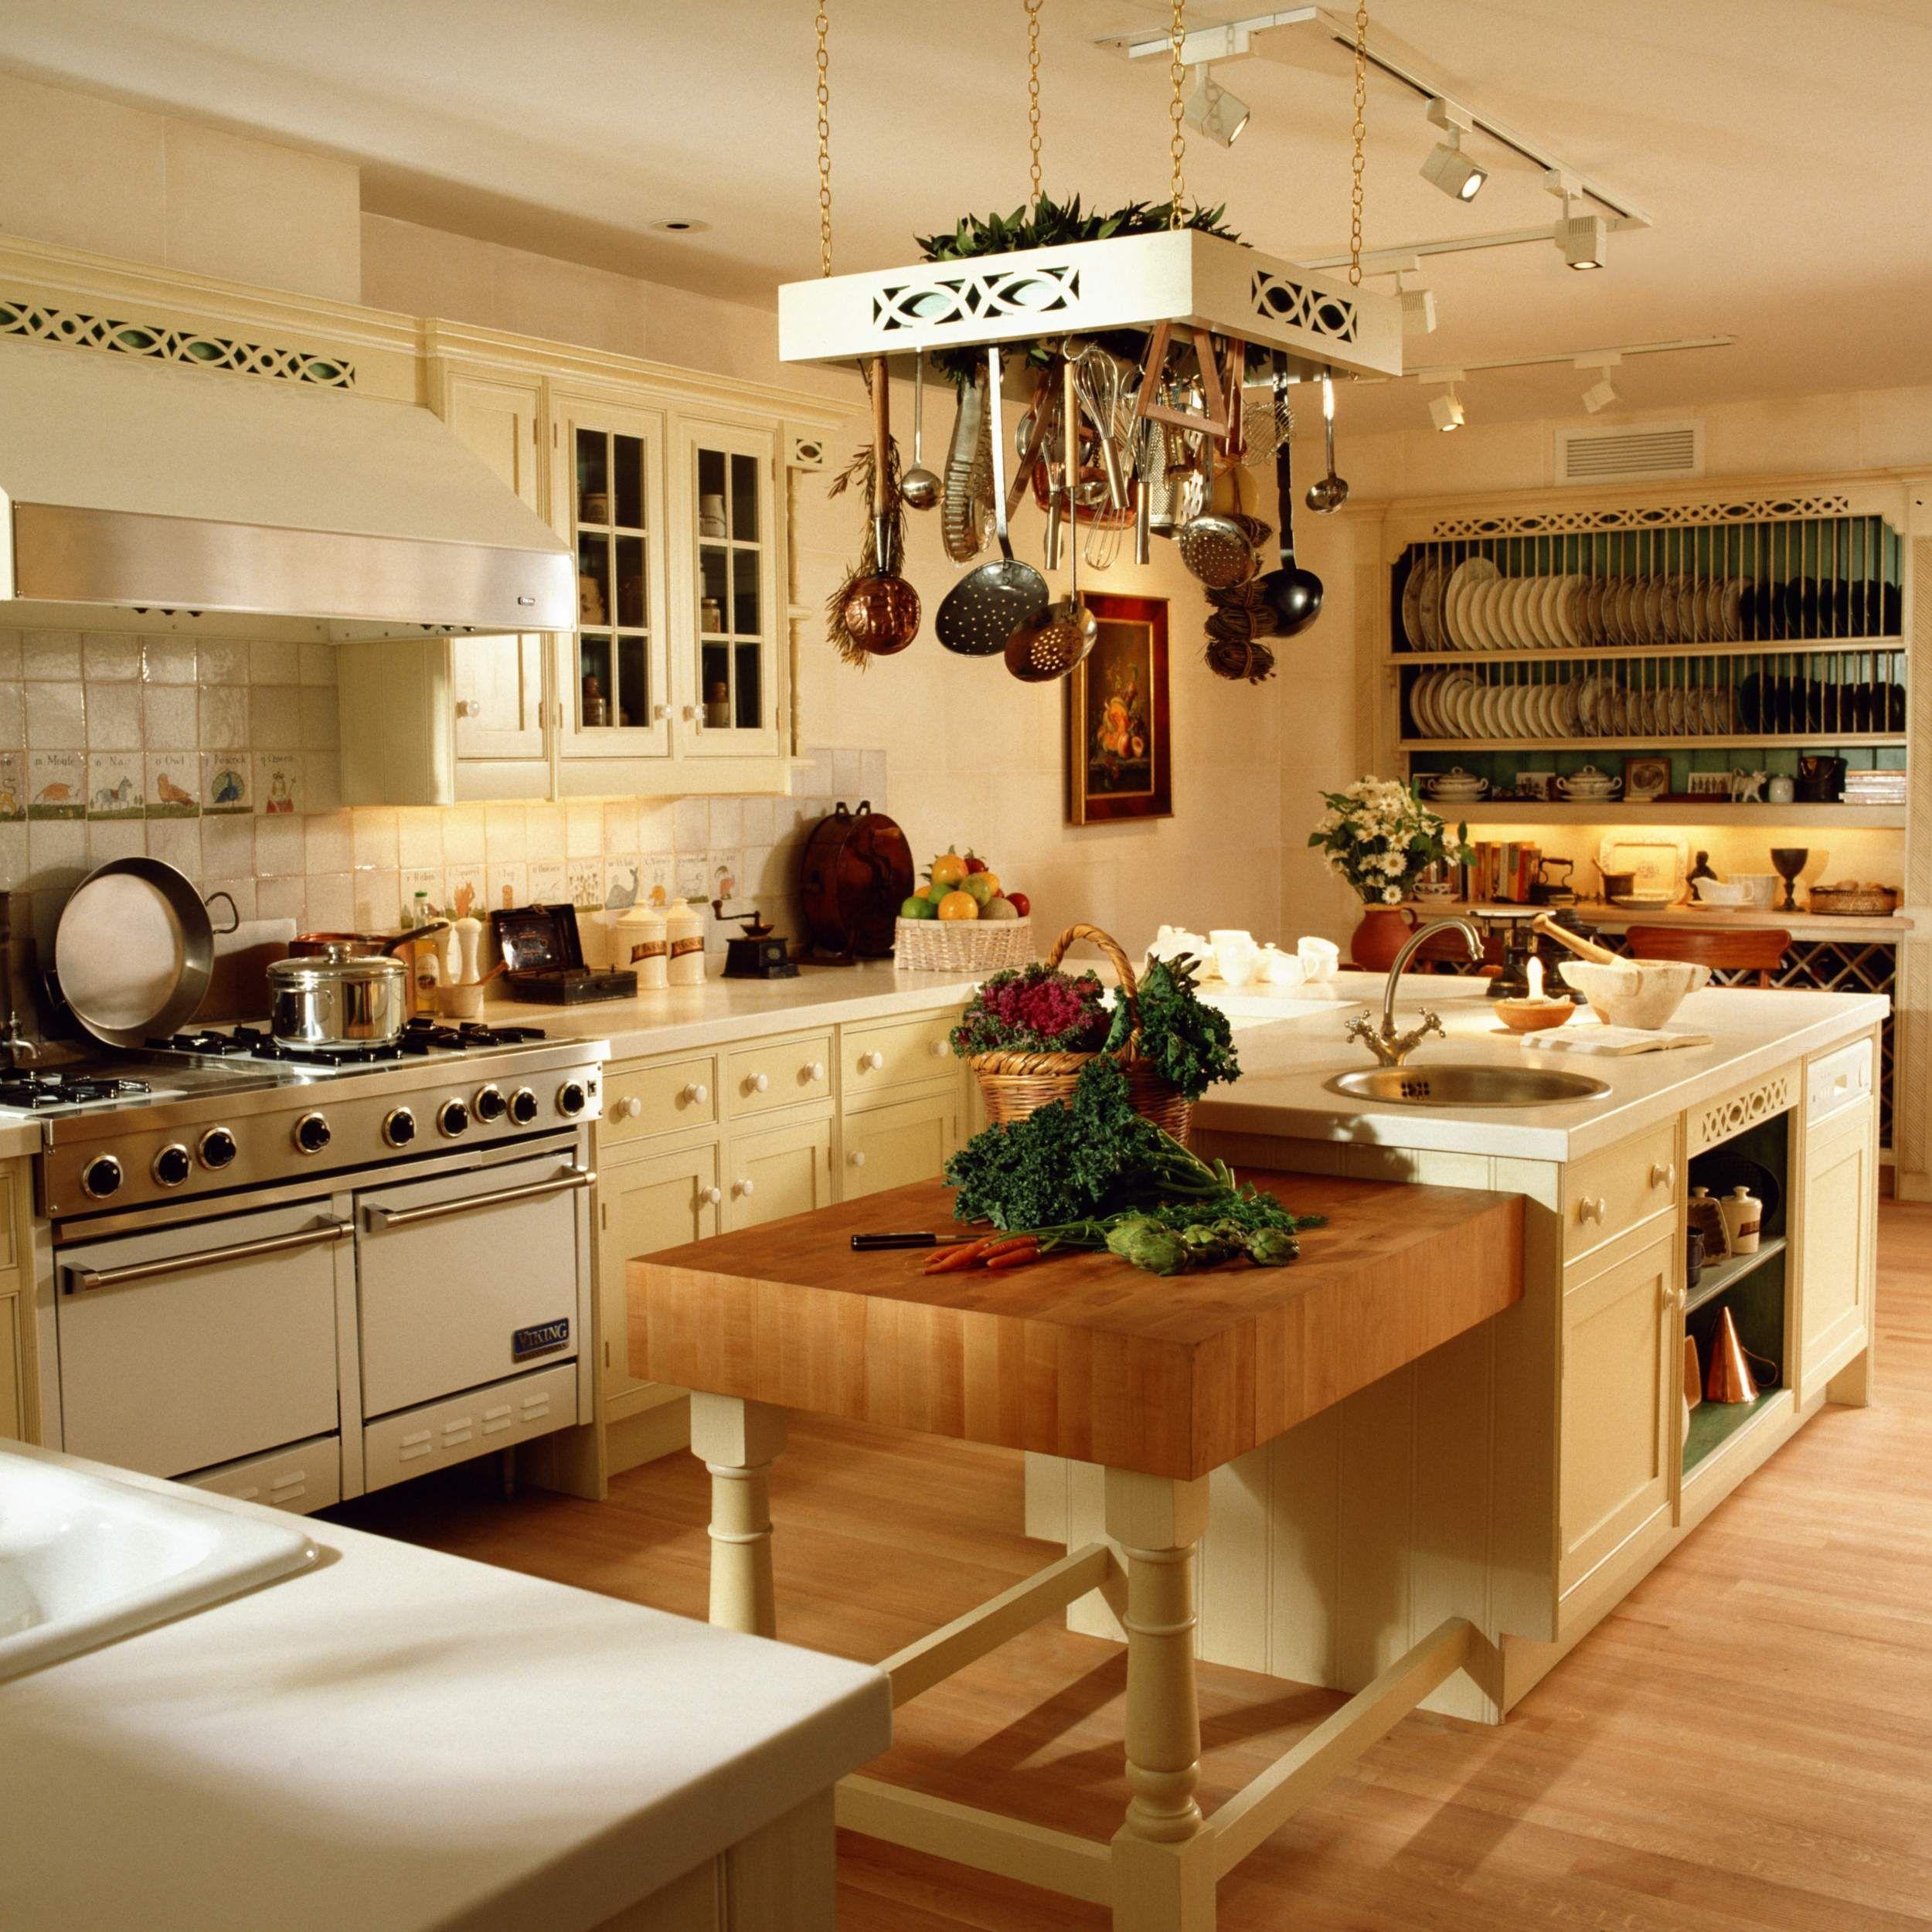 Explore Home Decor Kitchen Ideaore